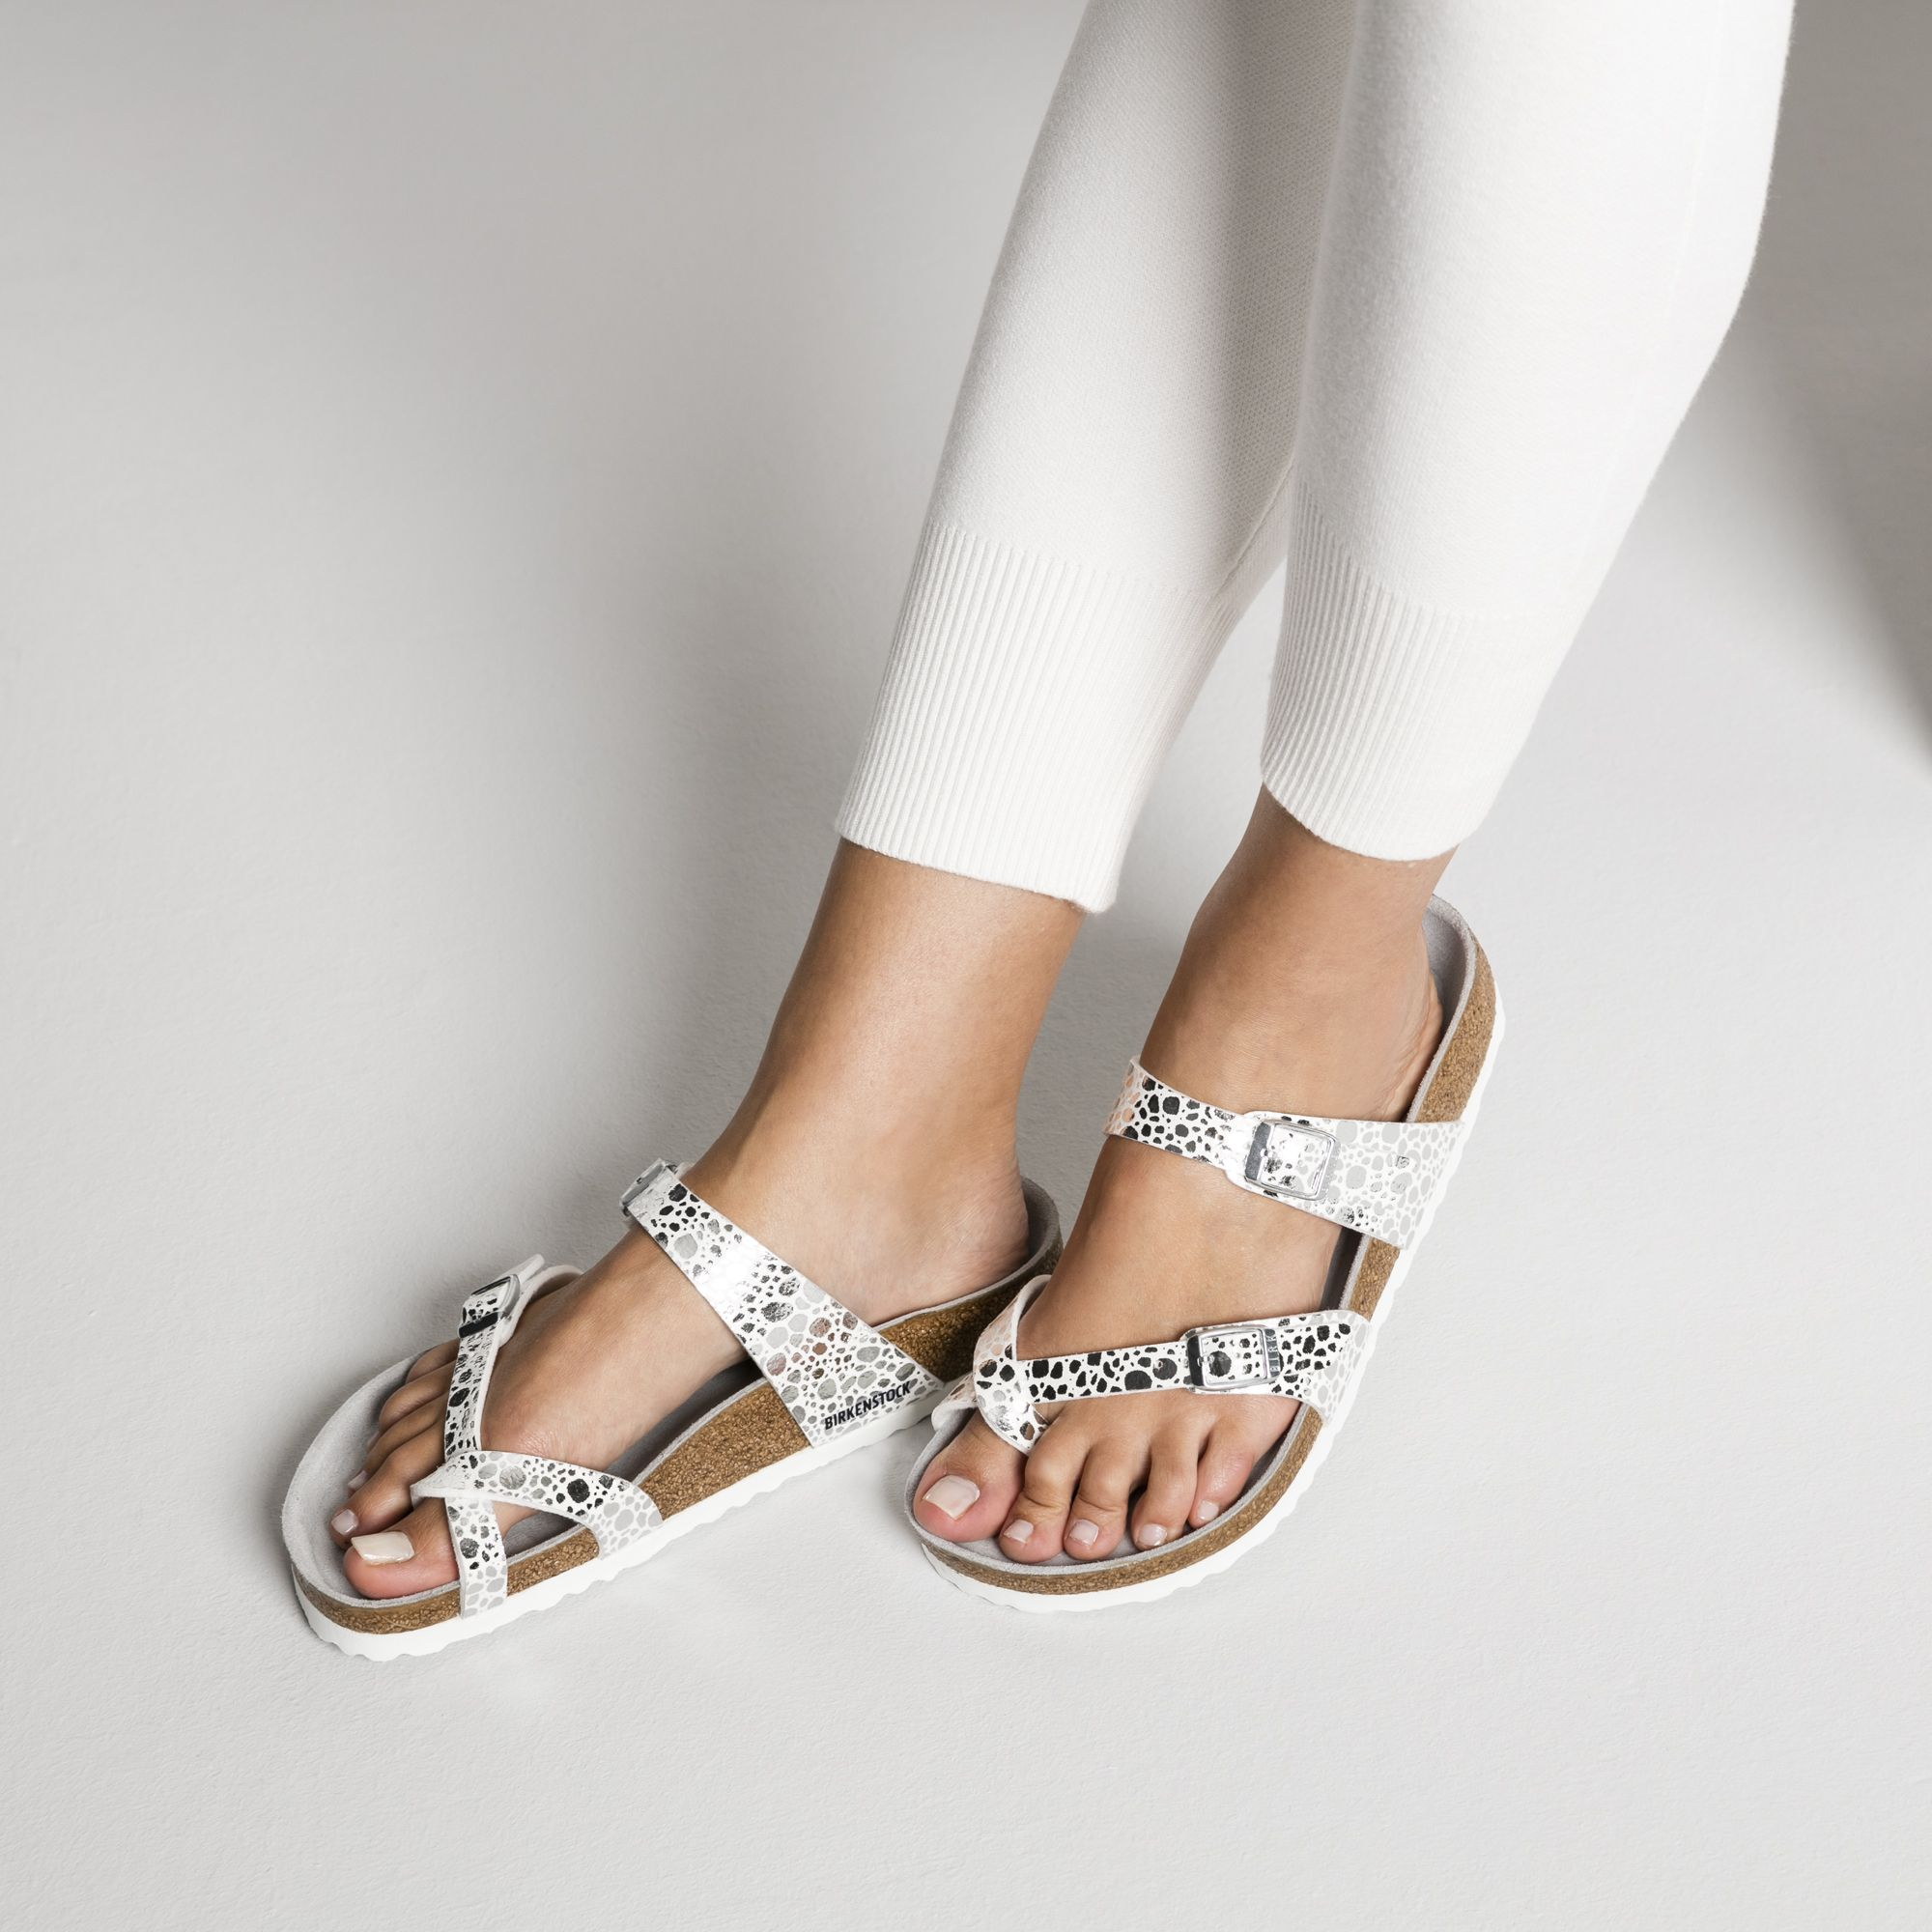 2cef1dc7a553 Mayari Birko-Flor Metallic Stones Silver